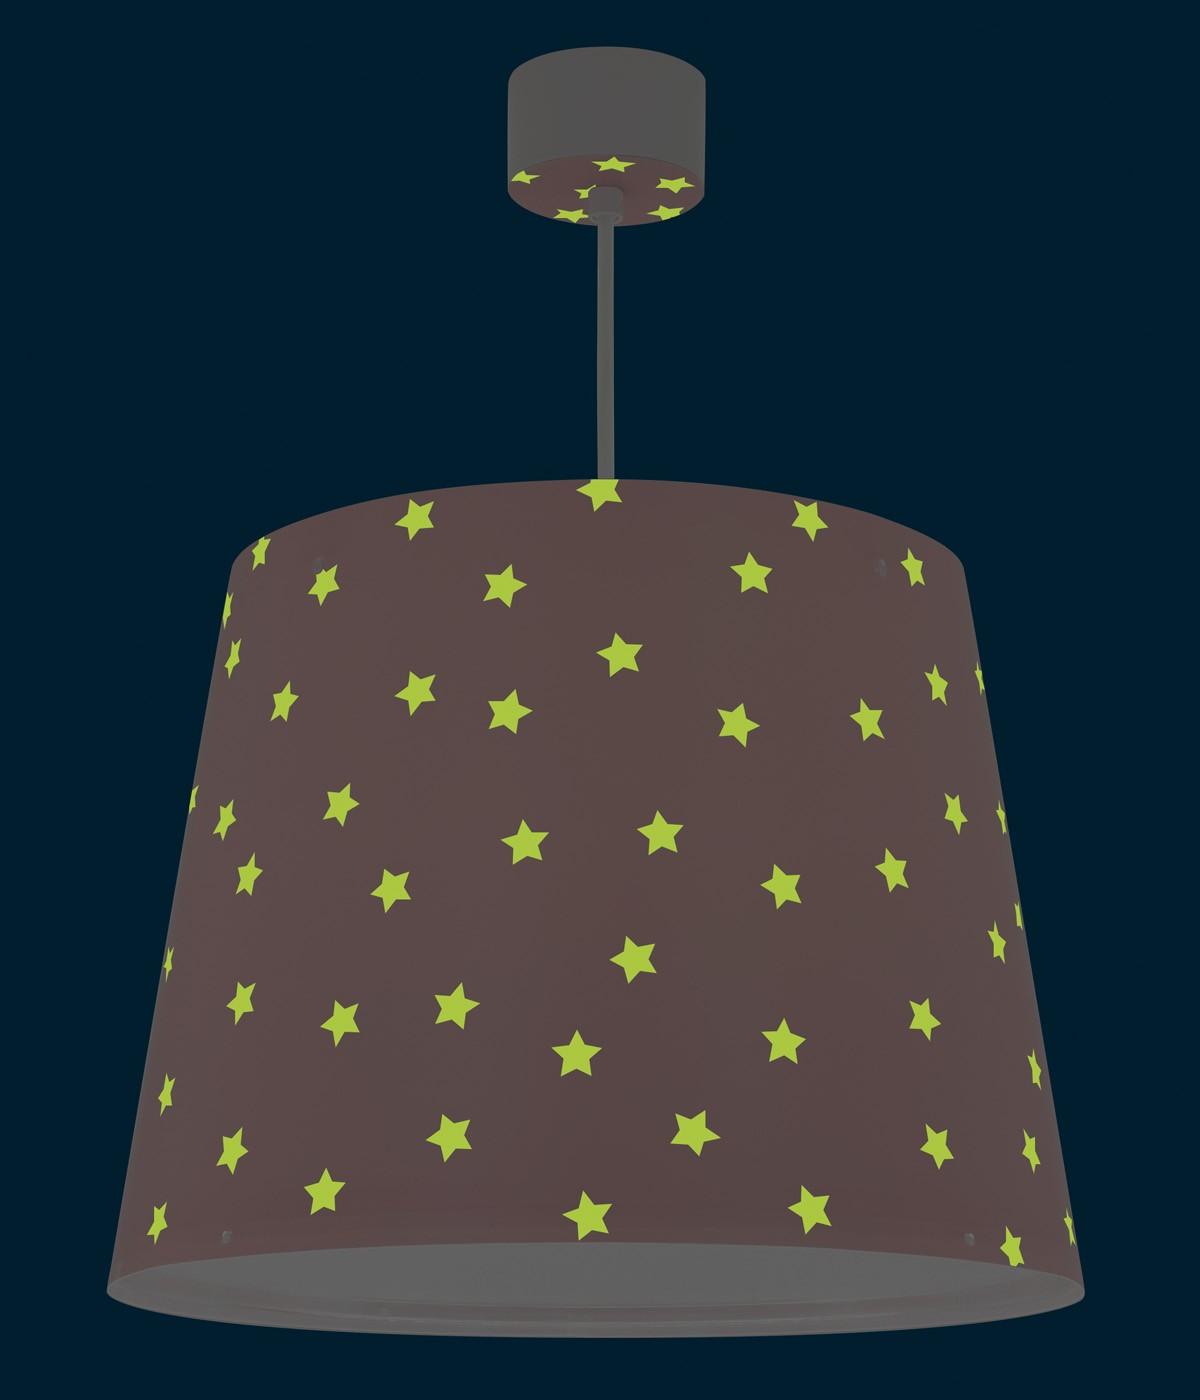 Lampada a sospensione per bambini Star Light rosa